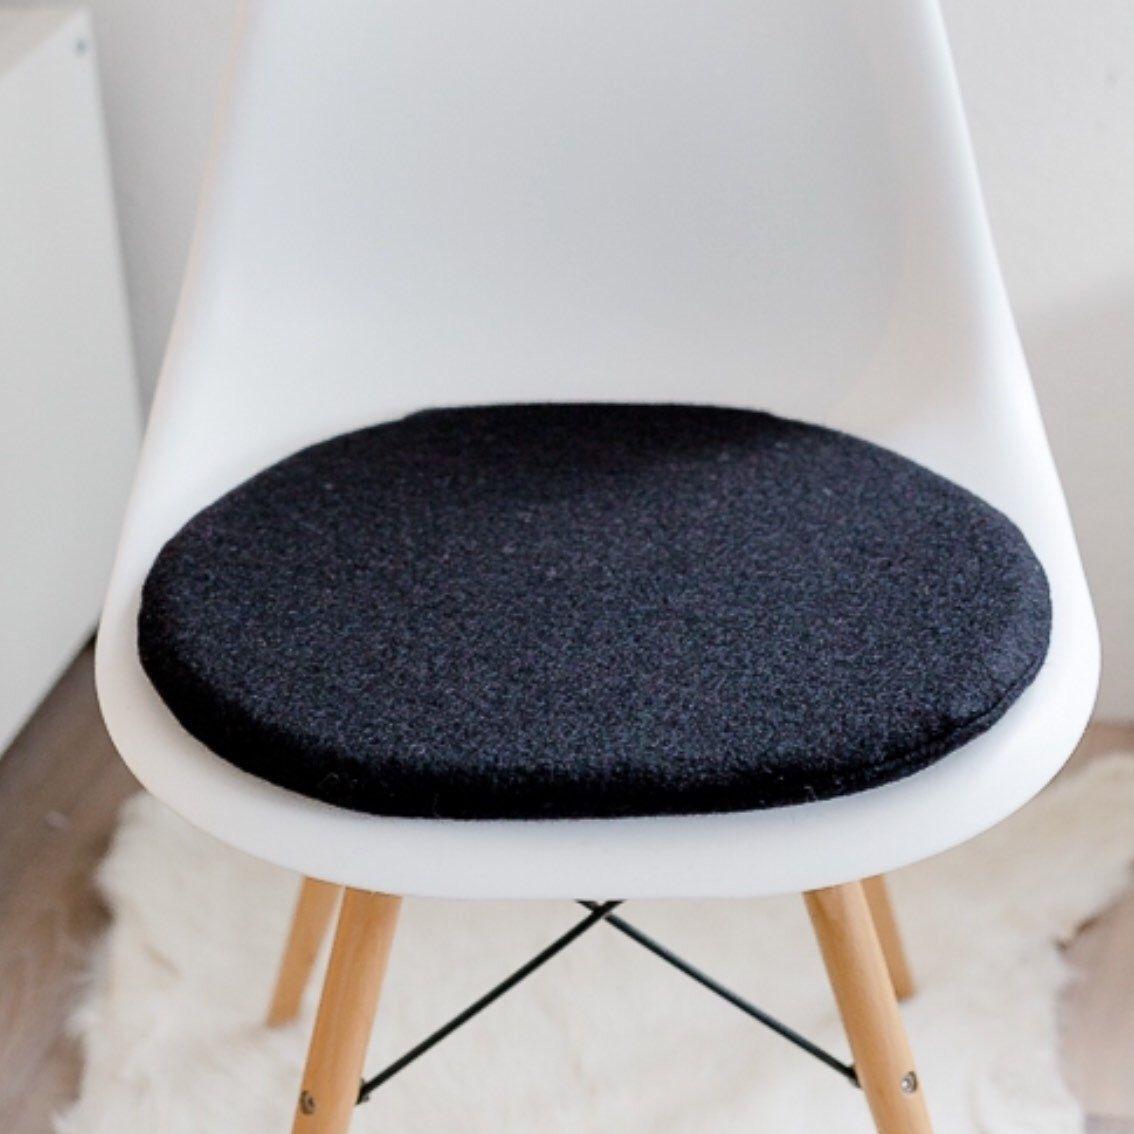 Sitzkissen Passend Für Eames Chair In Schwarz Etsy Sitzkissen Eames Kissen